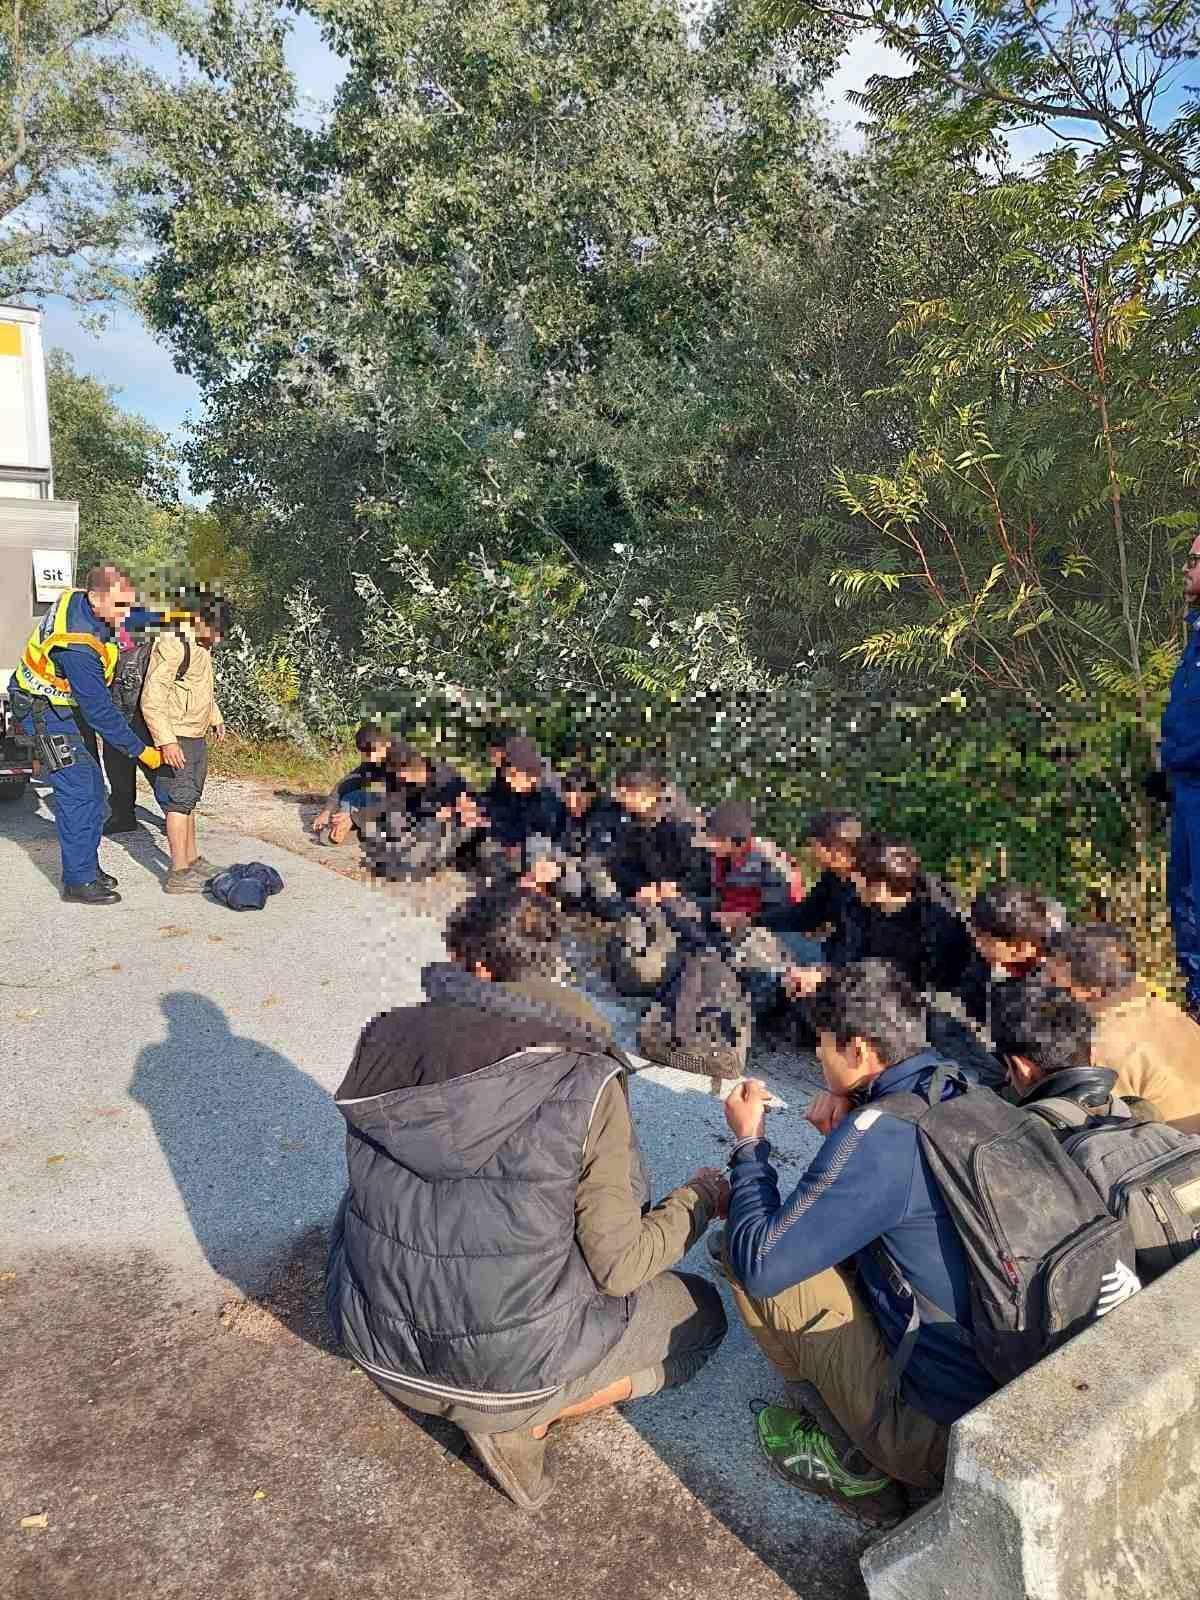 21 éves francia csempészett 16 illegális afgán migránst